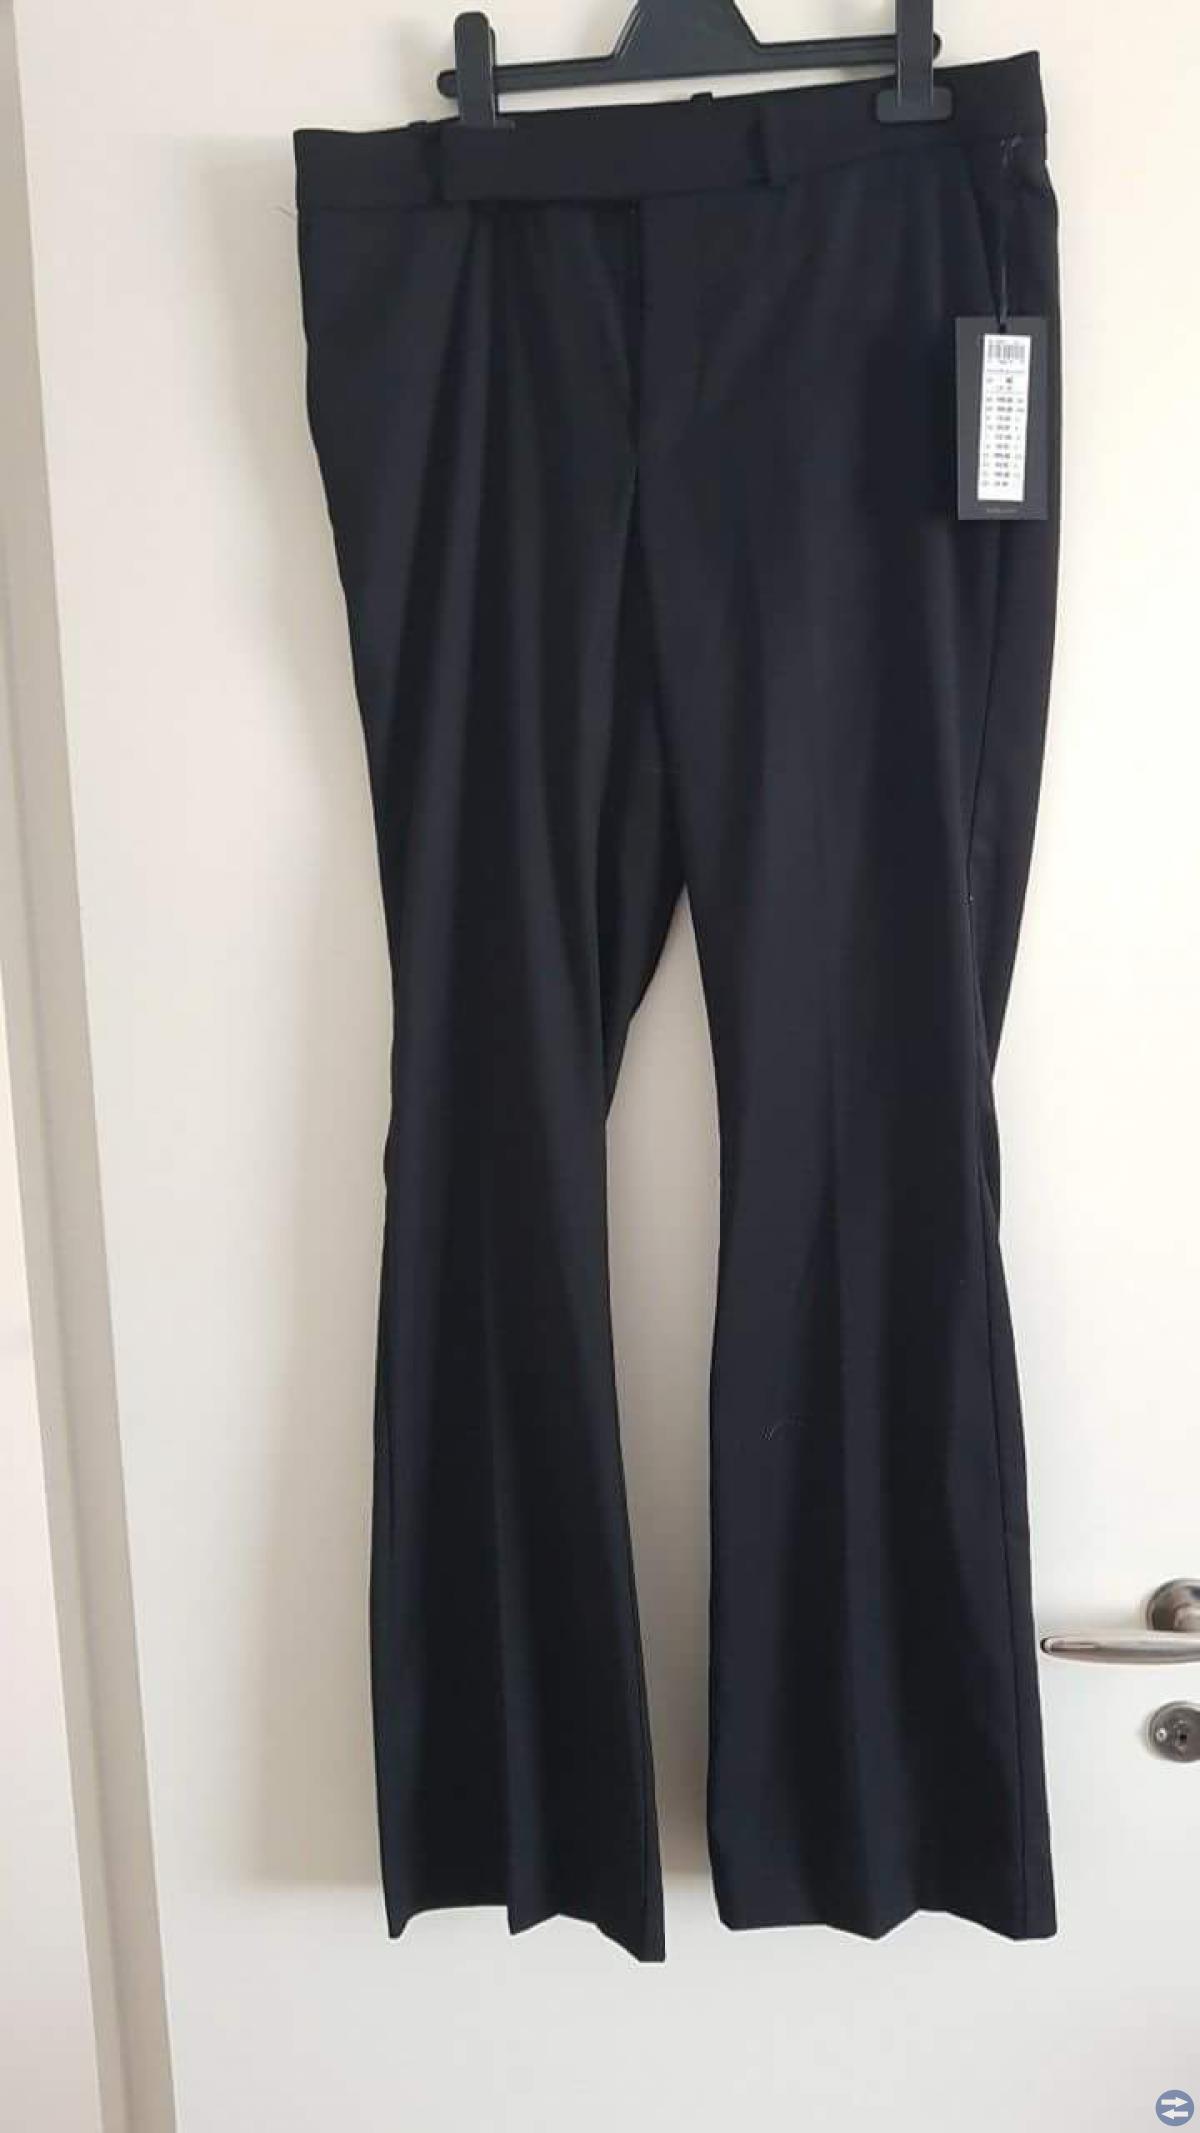 Jackor och kläder M-L/XL